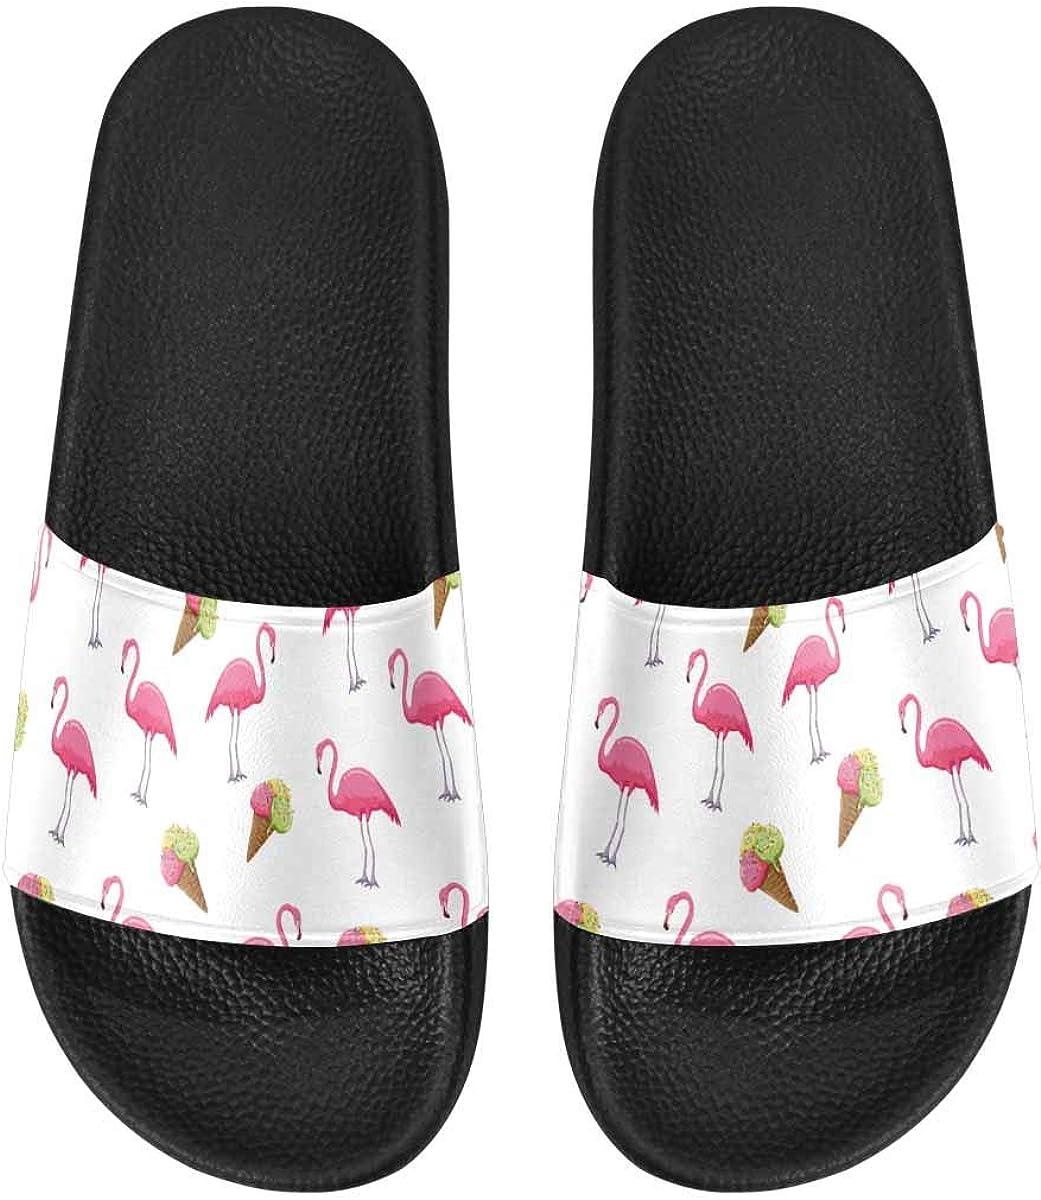 InterestPrint Women's Comfortable Indoor Shower Slippers US6-US1